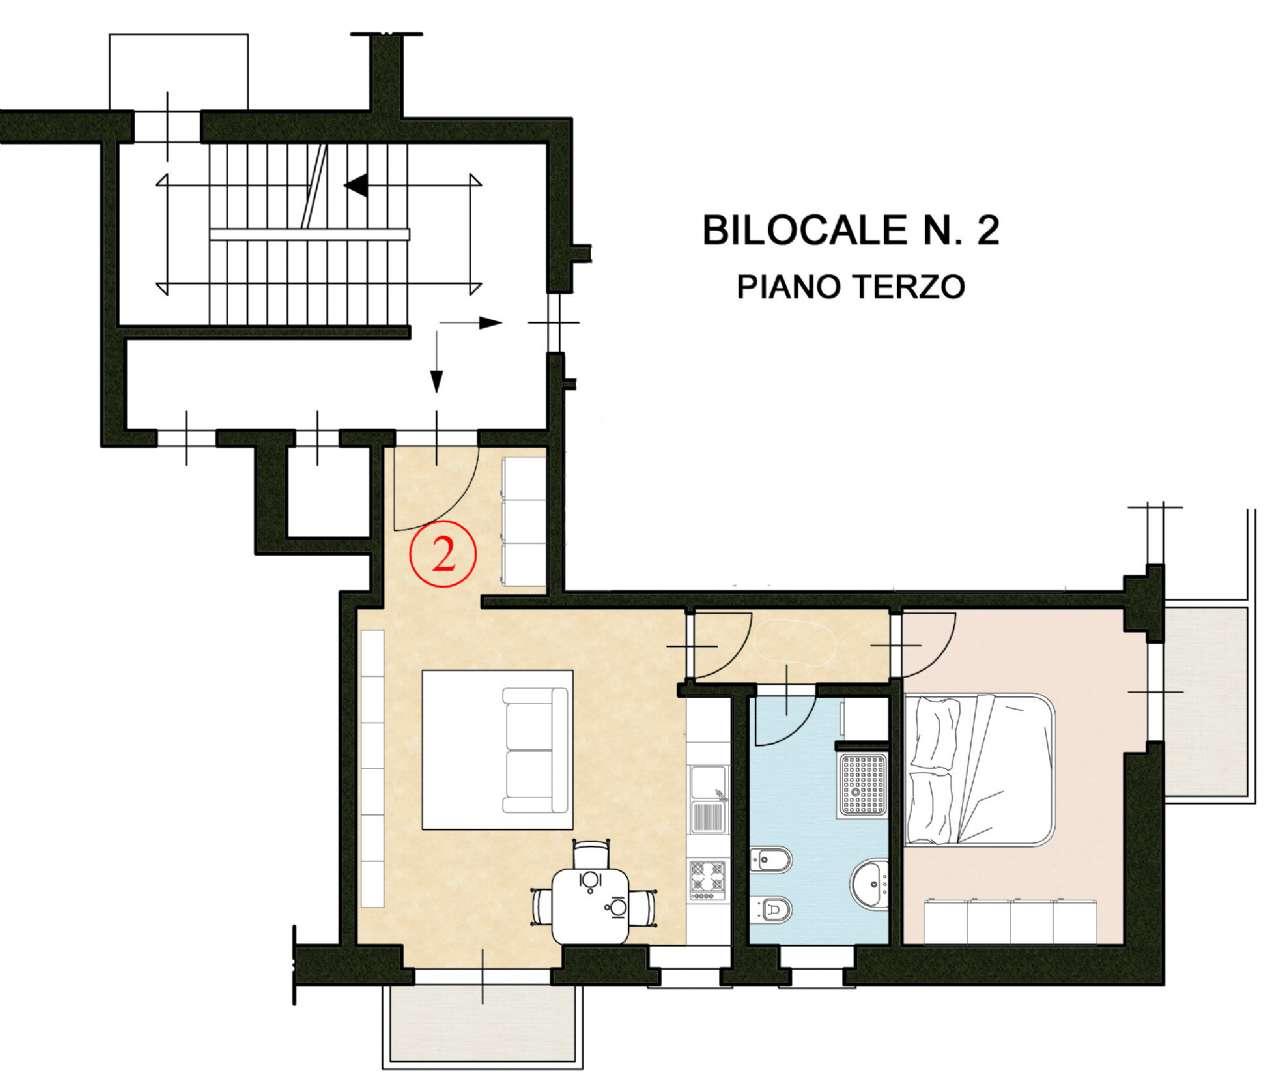 Appartamento in affitto a Pinerolo, 2 locali, Trattative riservate | CambioCasa.it